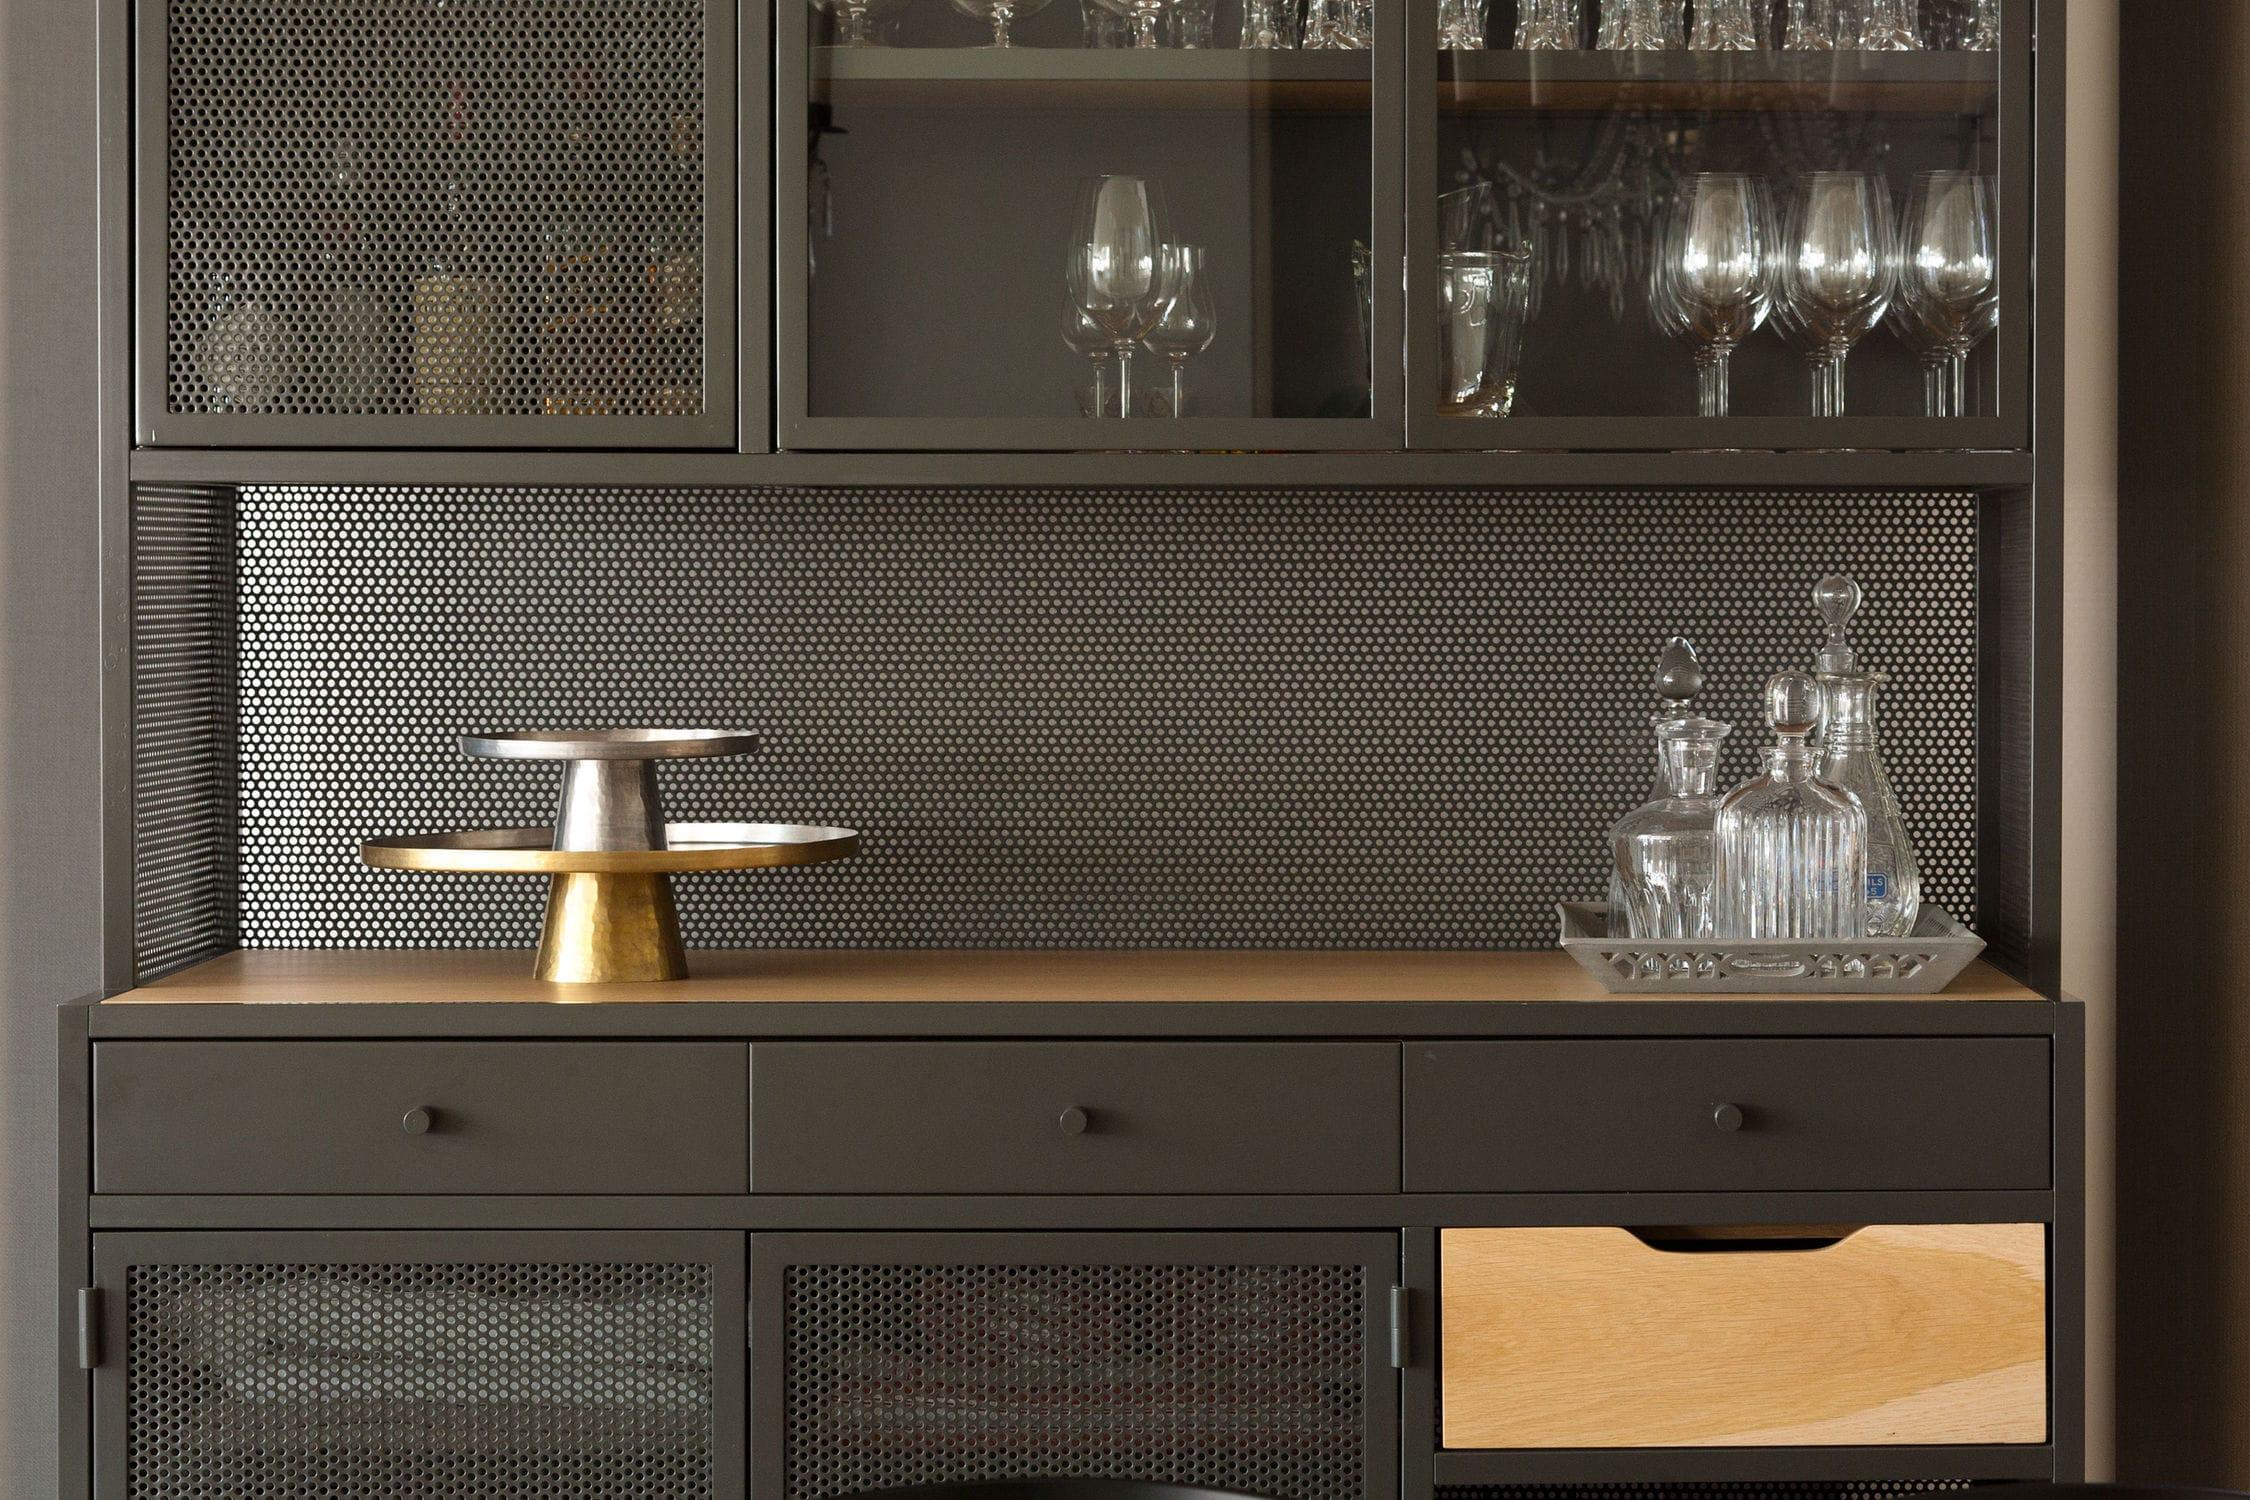 Credenza Moderna Con Alzata : Credenza con alzata moderna in legno vetro metallo